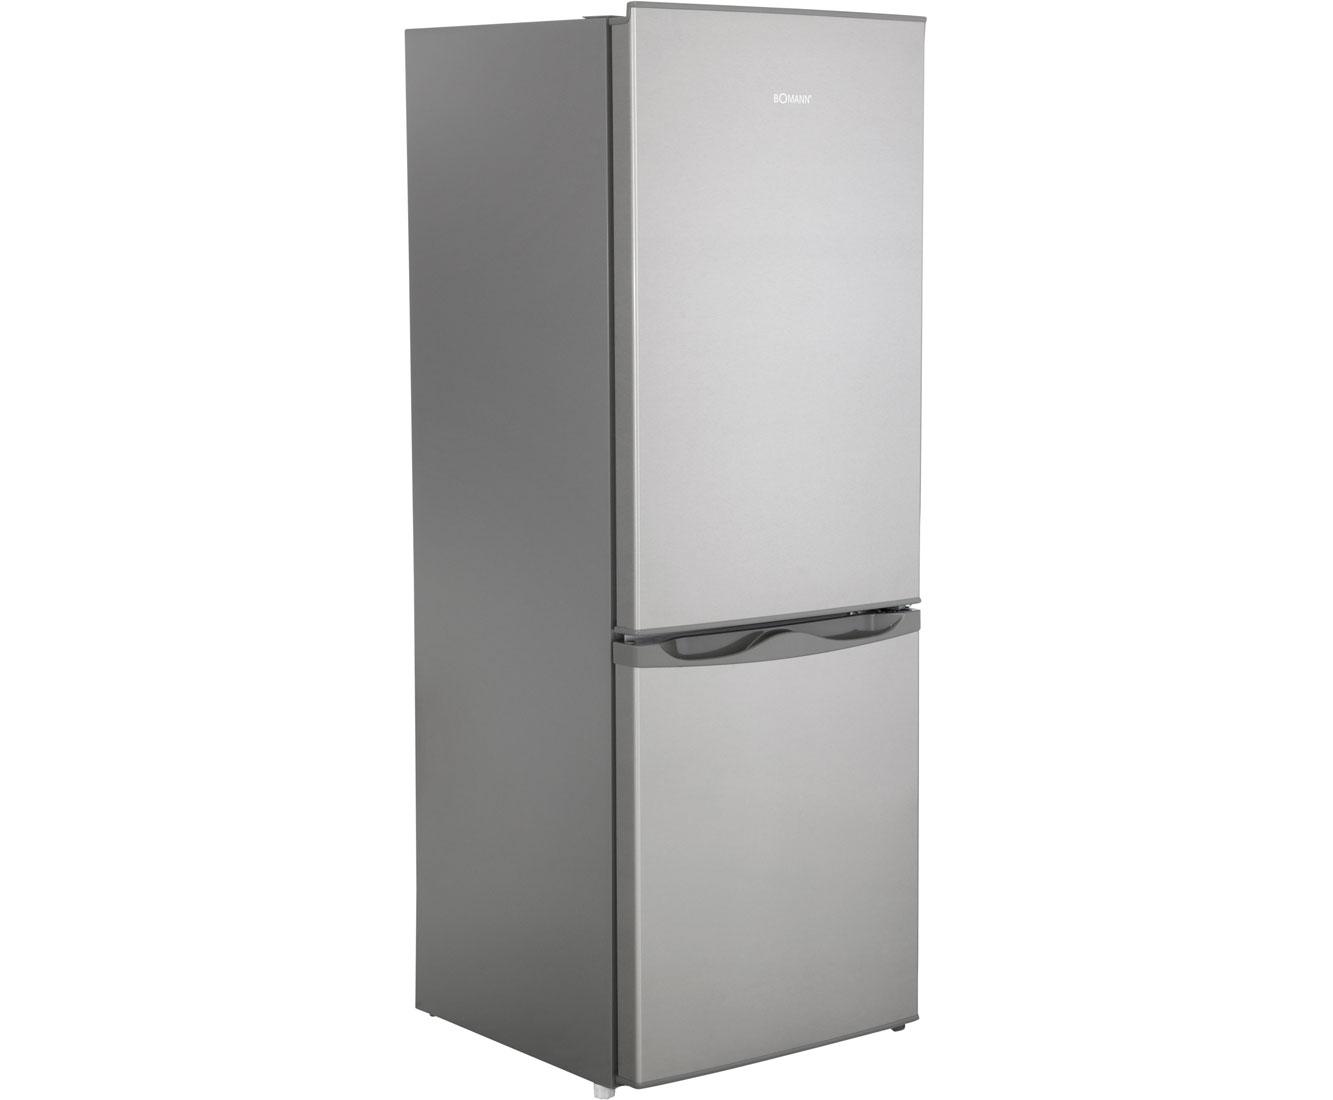 Bomann Kühlschrank Wie Lange Stehen Lassen : Bomann kühlschränke von siemens bosch und co online kaufen bei